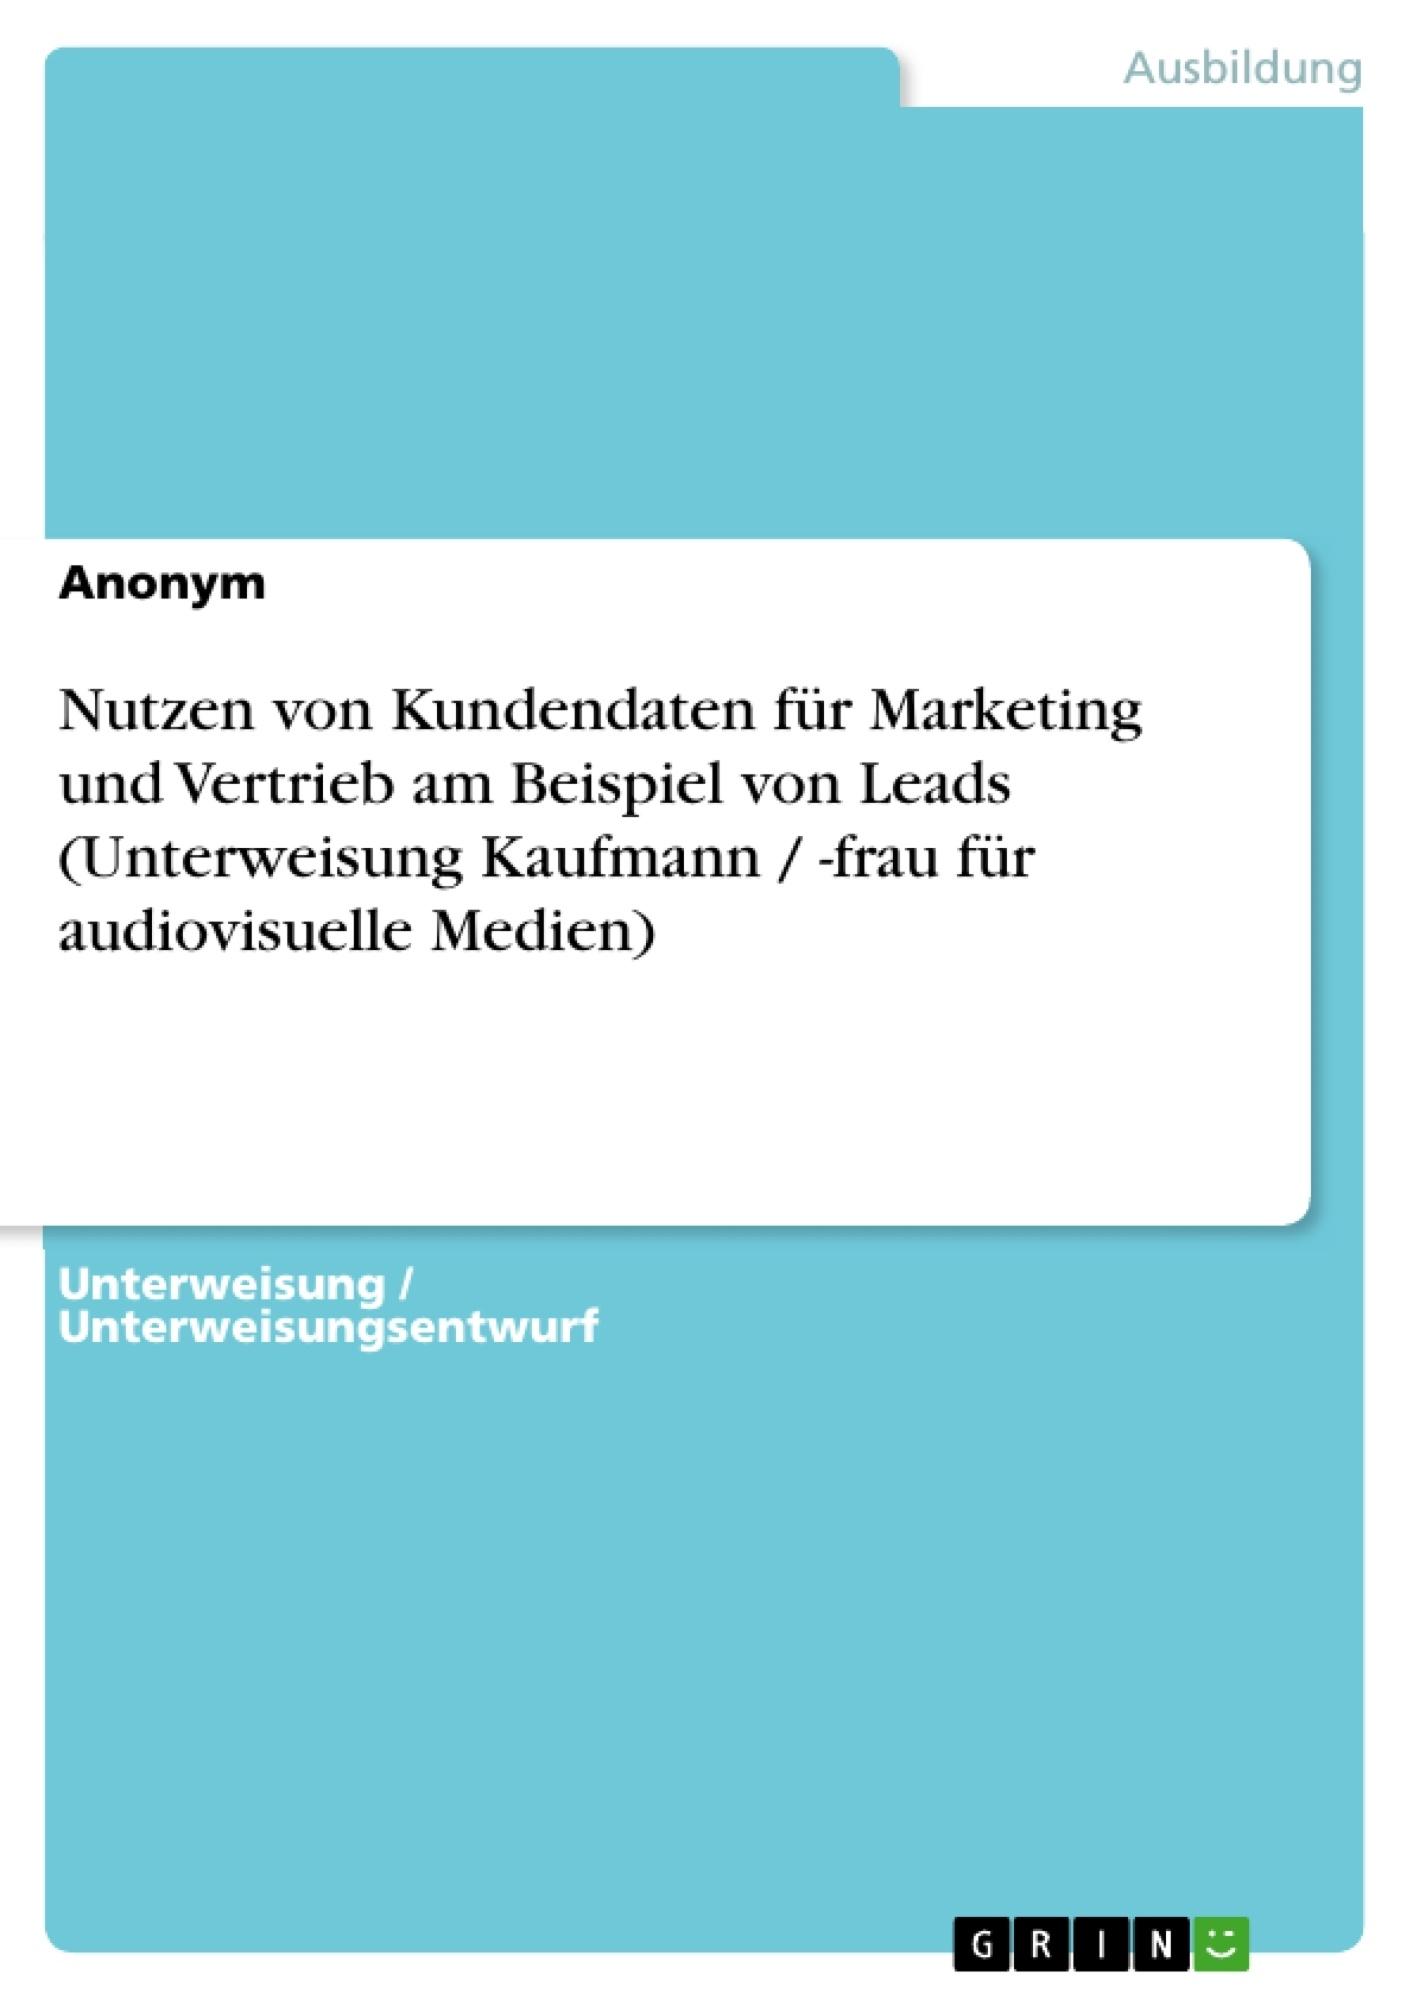 Titel: Nutzen von Kundendaten für Marketing und Vertrieb am Beispiel von Leads (Unterweisung Kaufmann / -frau für audiovisuelle Medien)